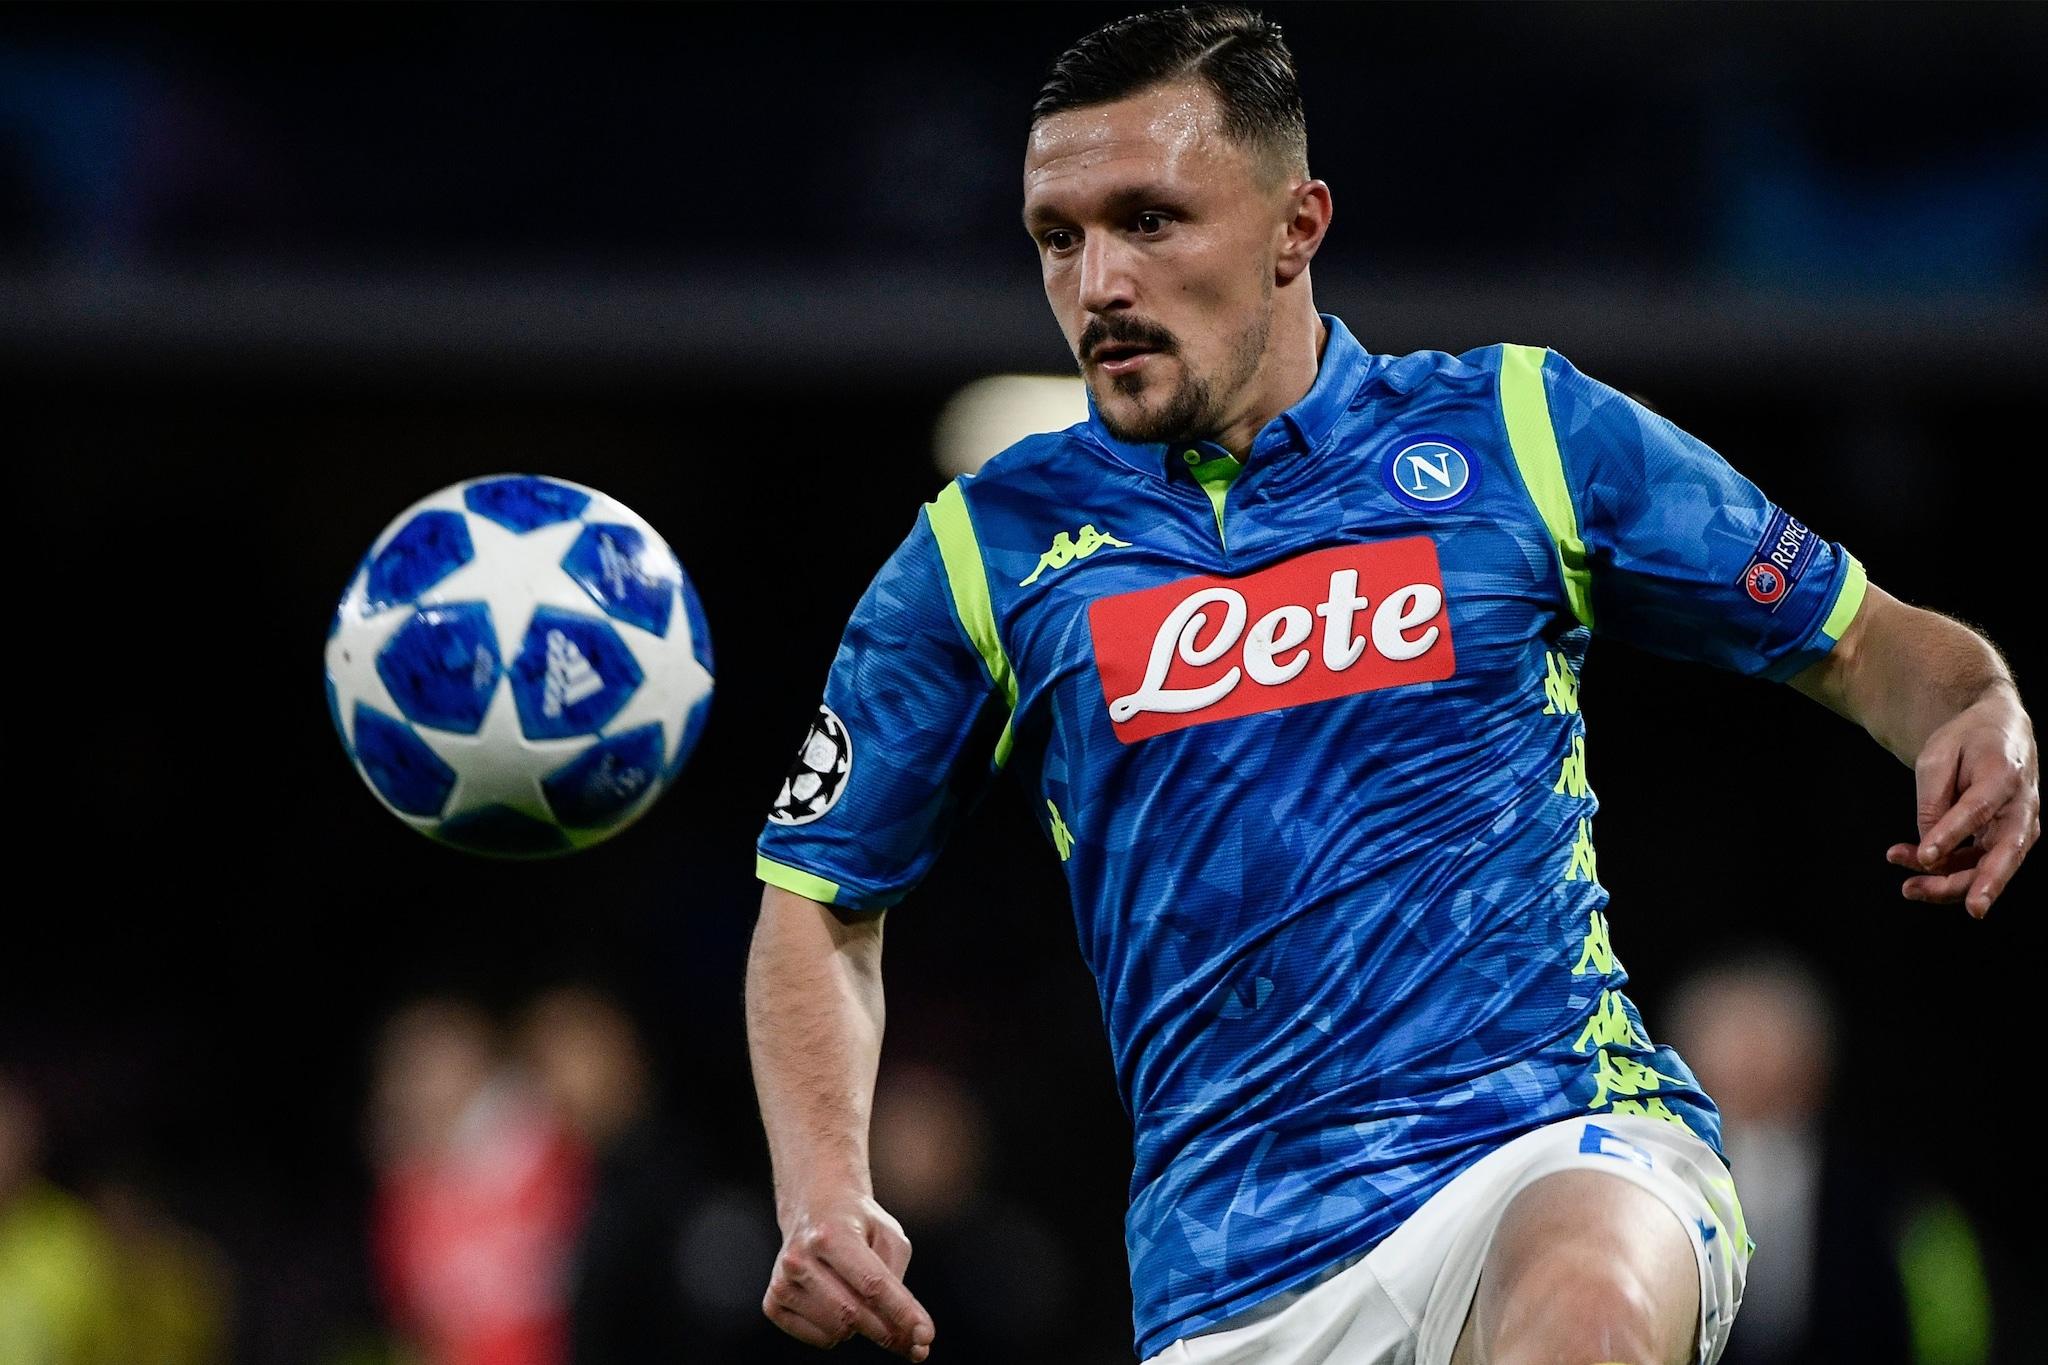 Calciomercato Ultime Notizie Sul Torino Maxi Operazione Col Napoli Per Verdi E Mario Rui